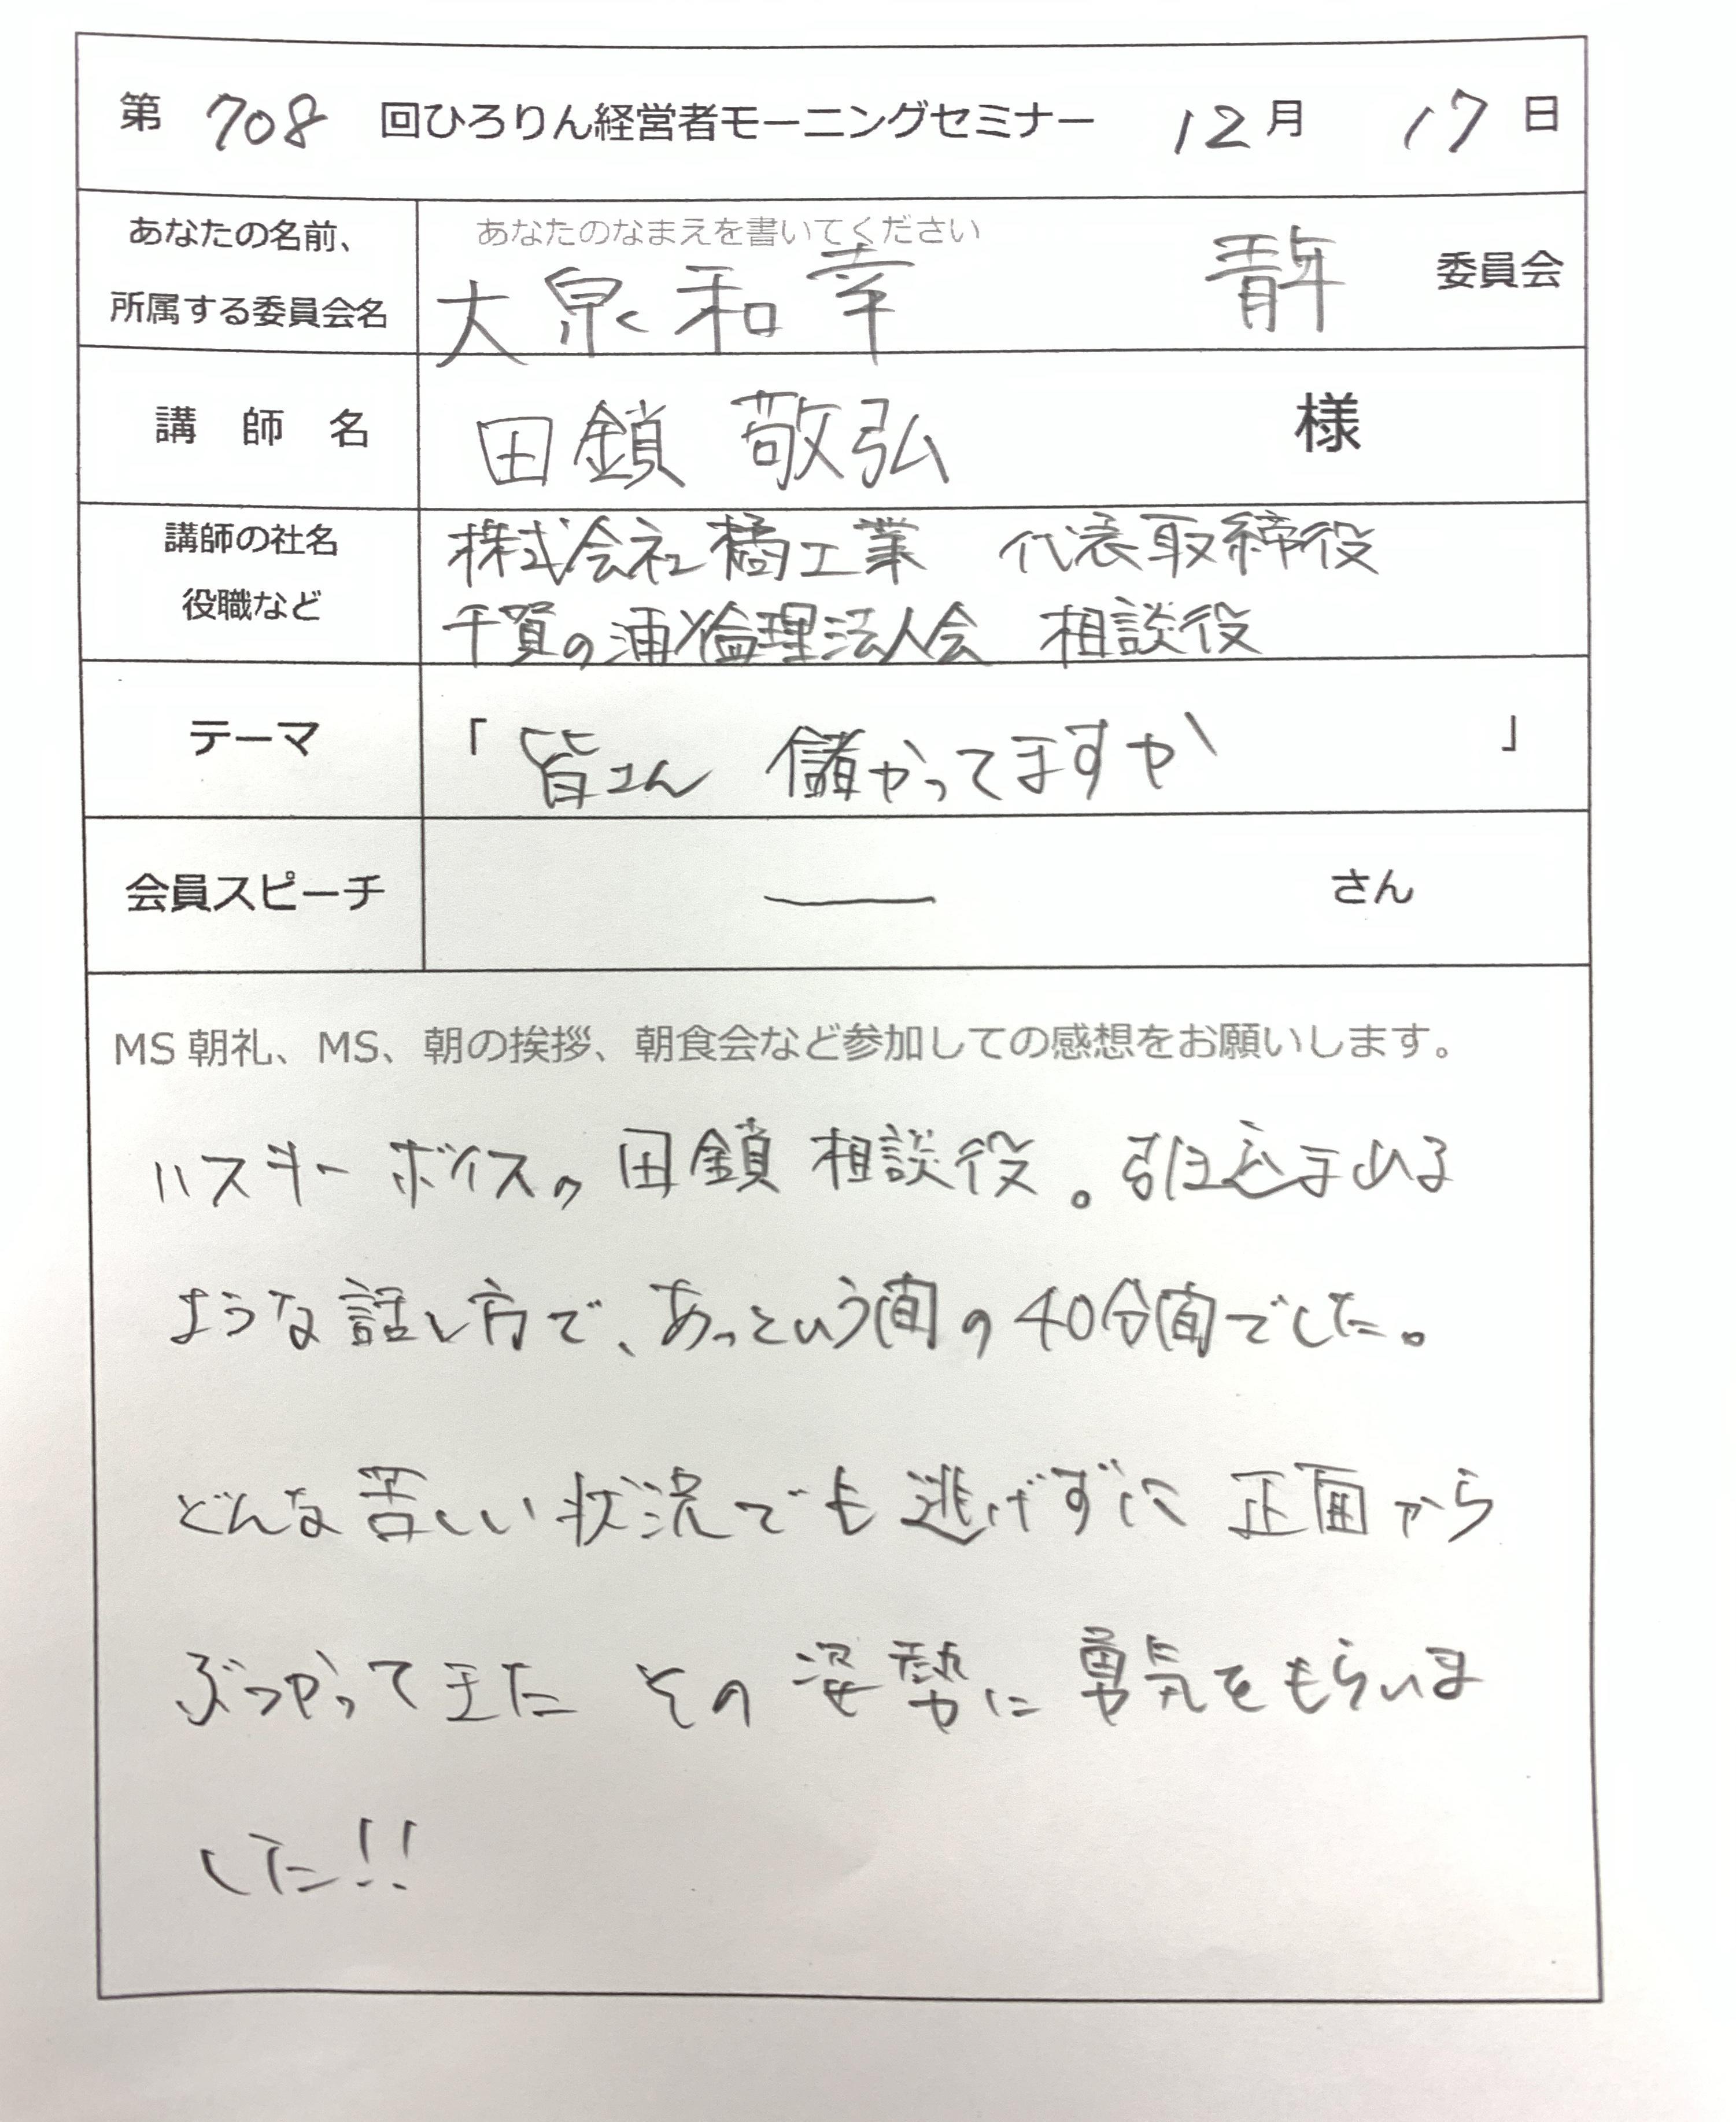 12月17日 第708回MSレポート